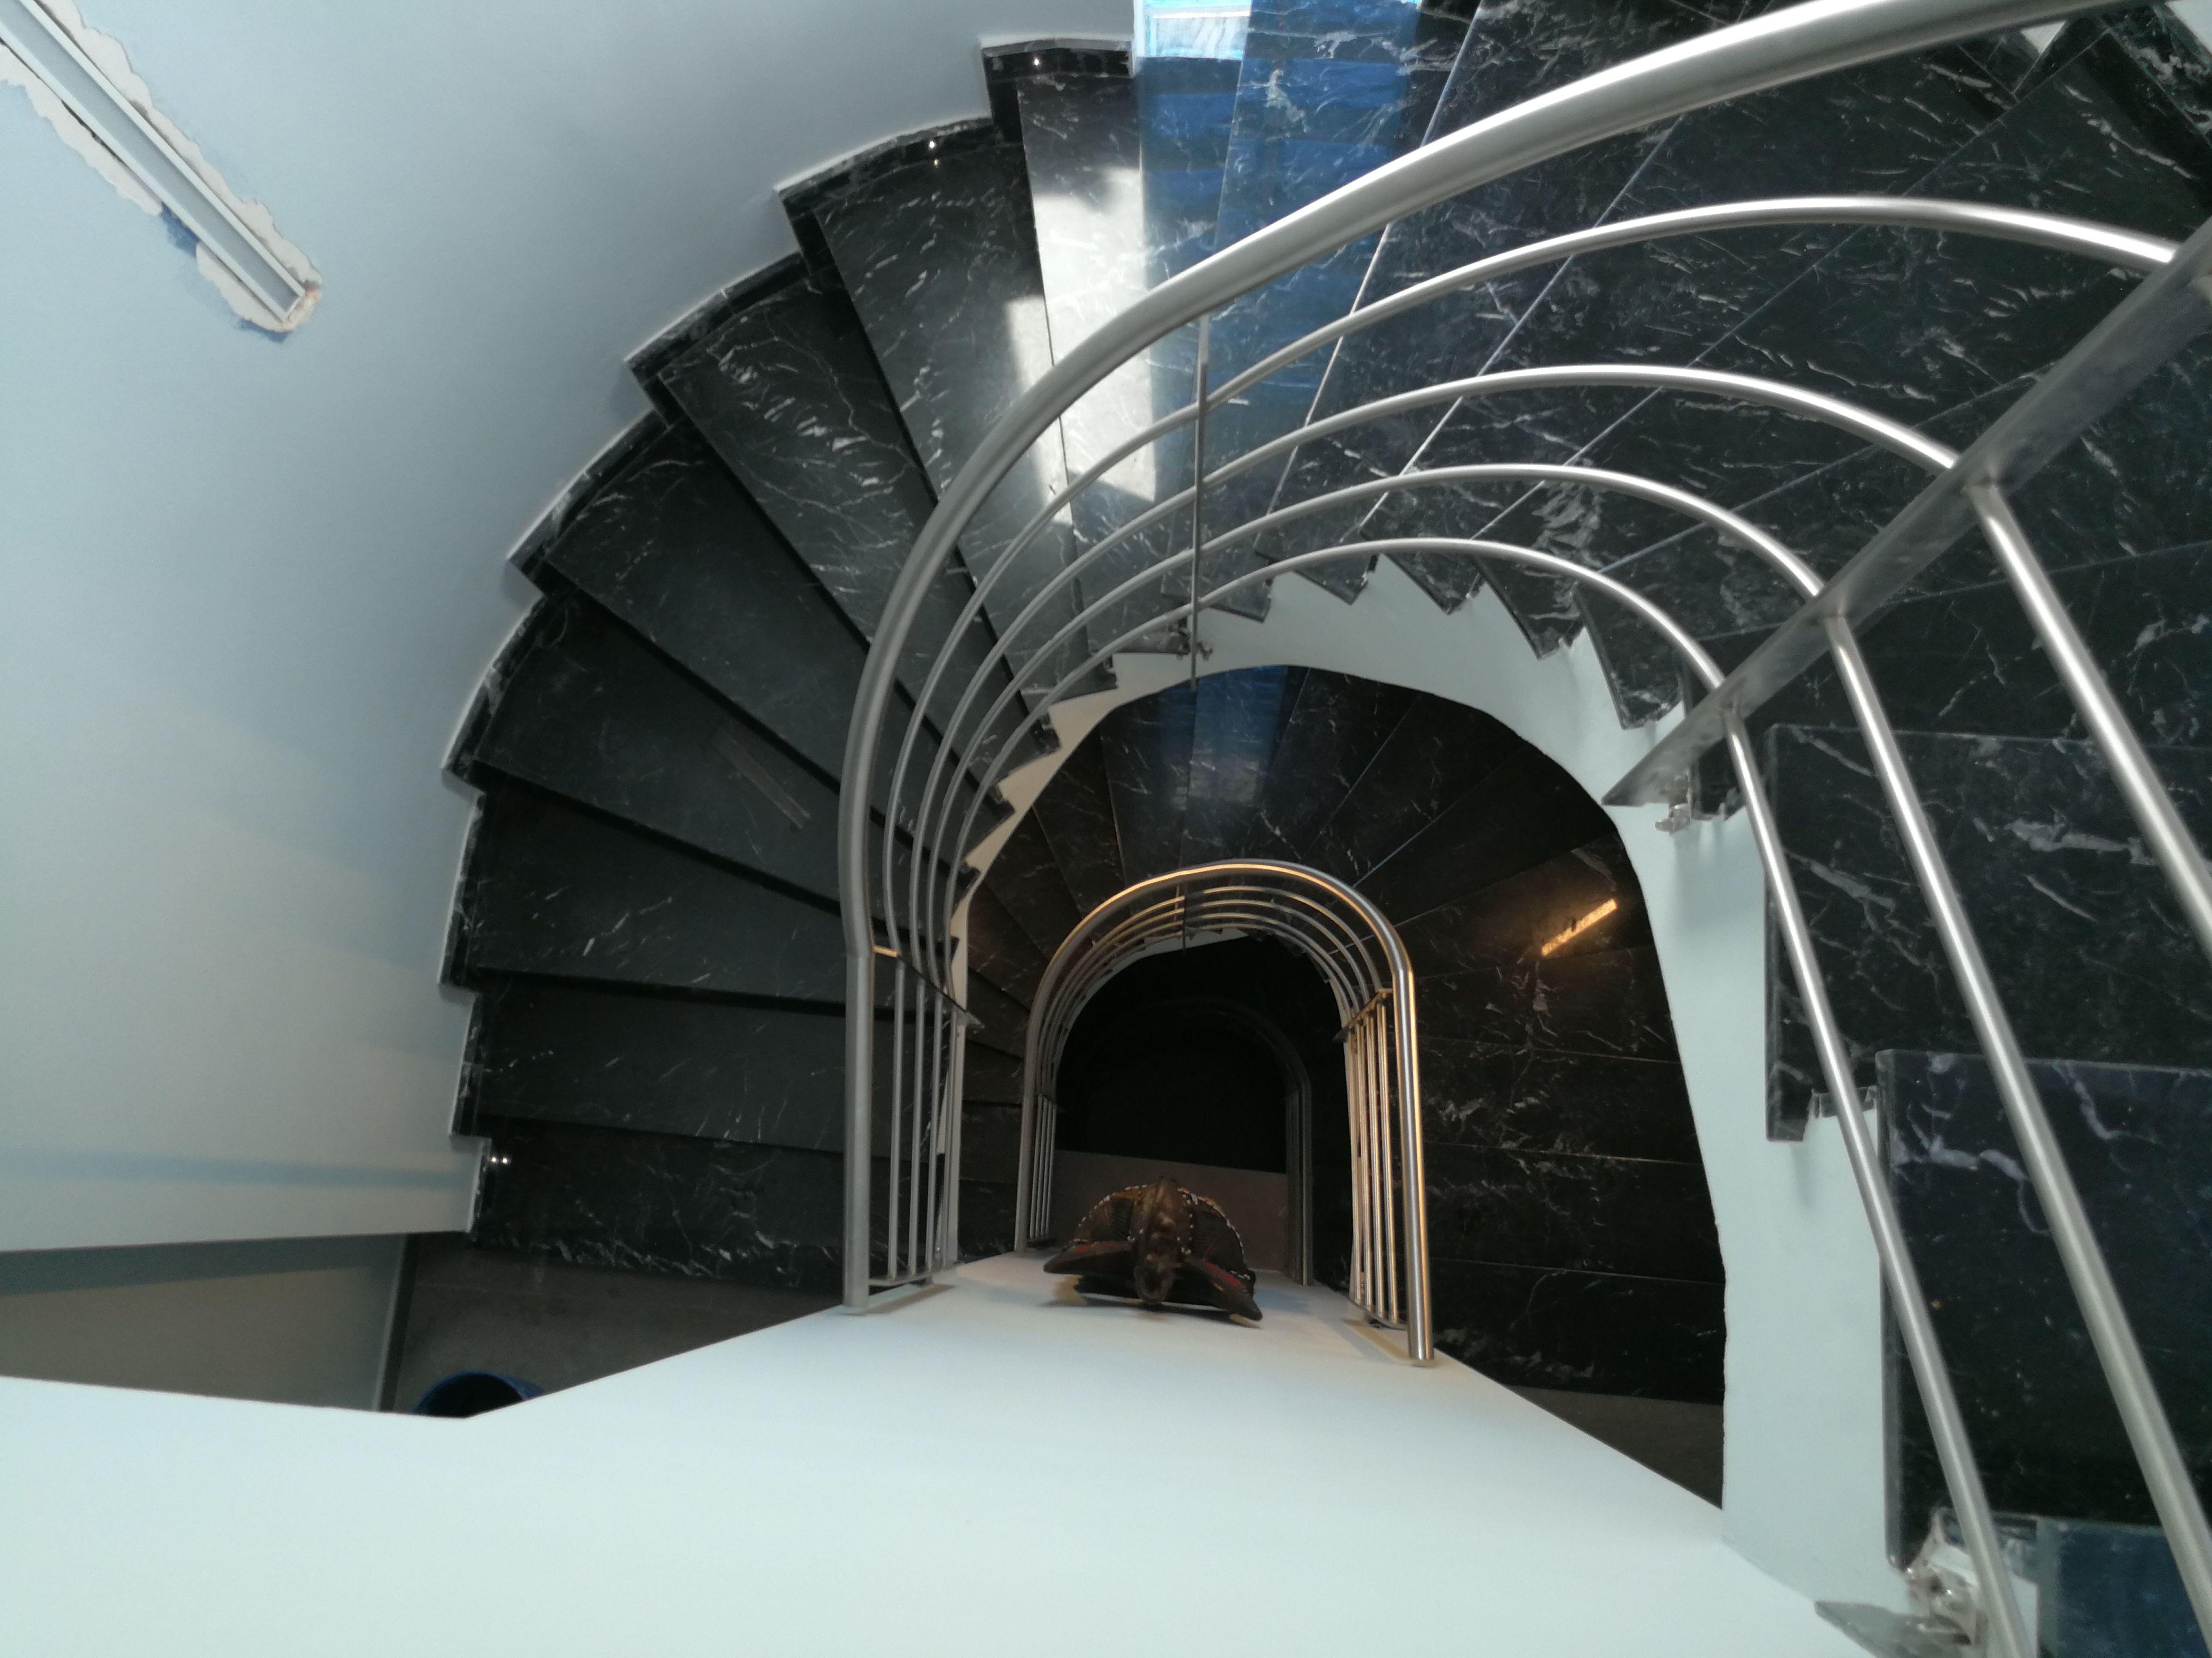 Foto 95 de Especialistas en diseños y proyectos en acero inoxidable en Alcalá de Guadaíra | Icminox